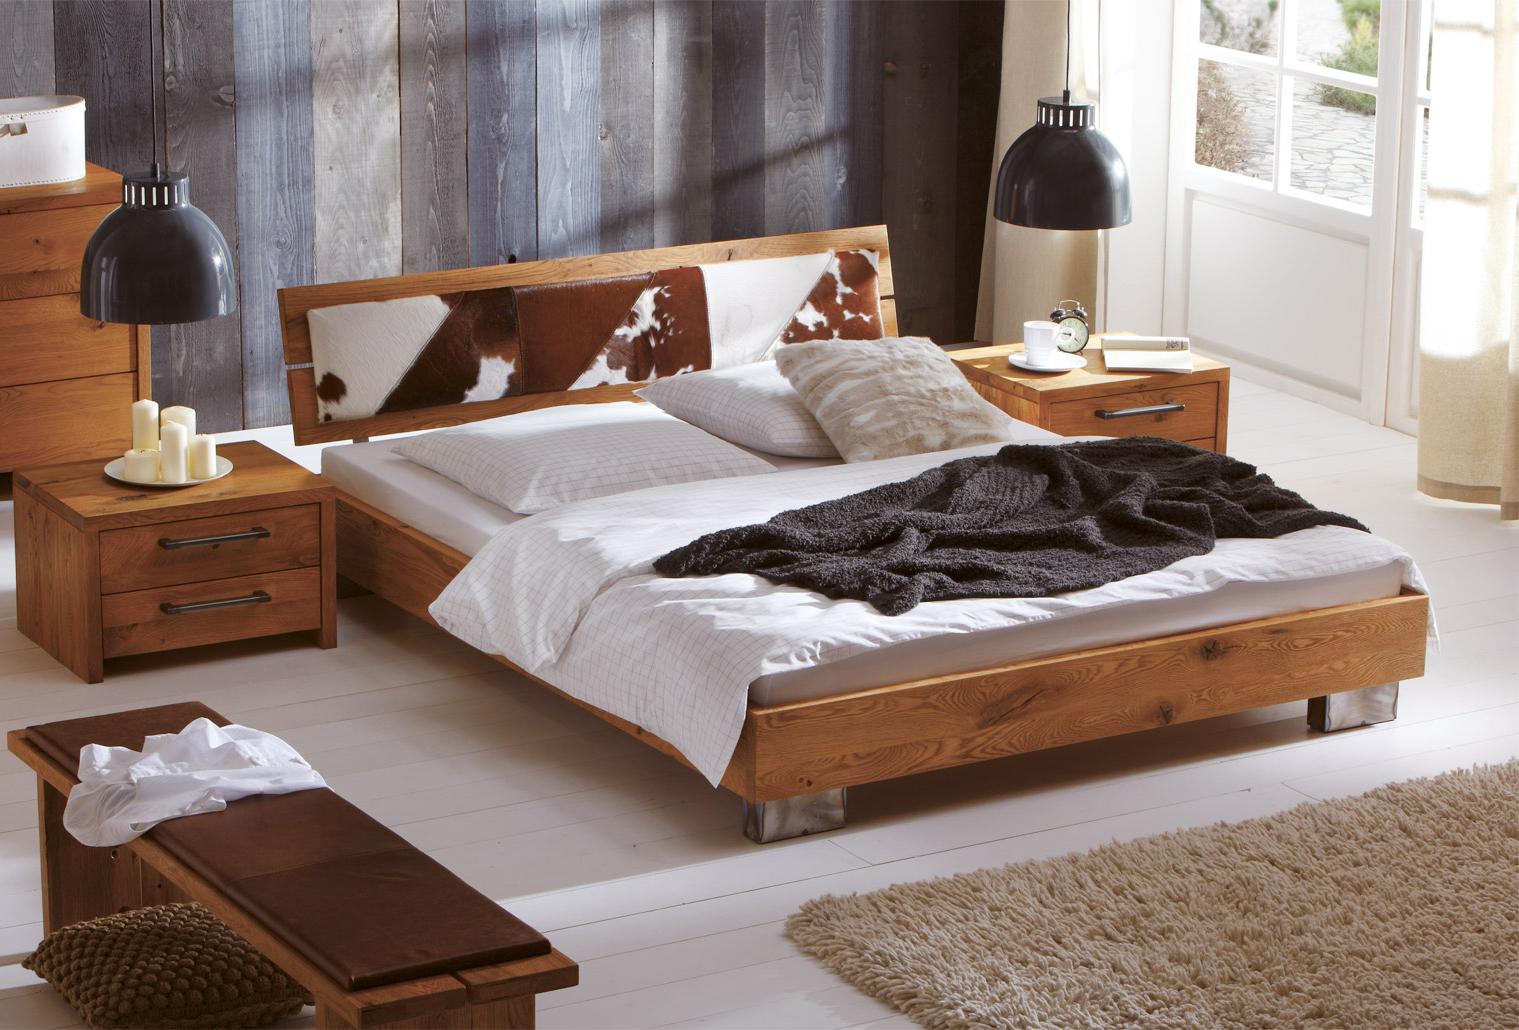 Exceptional Schlafzimmer Trends 2013 #5: Rustikal Eingerichtetes Schlafzimmer